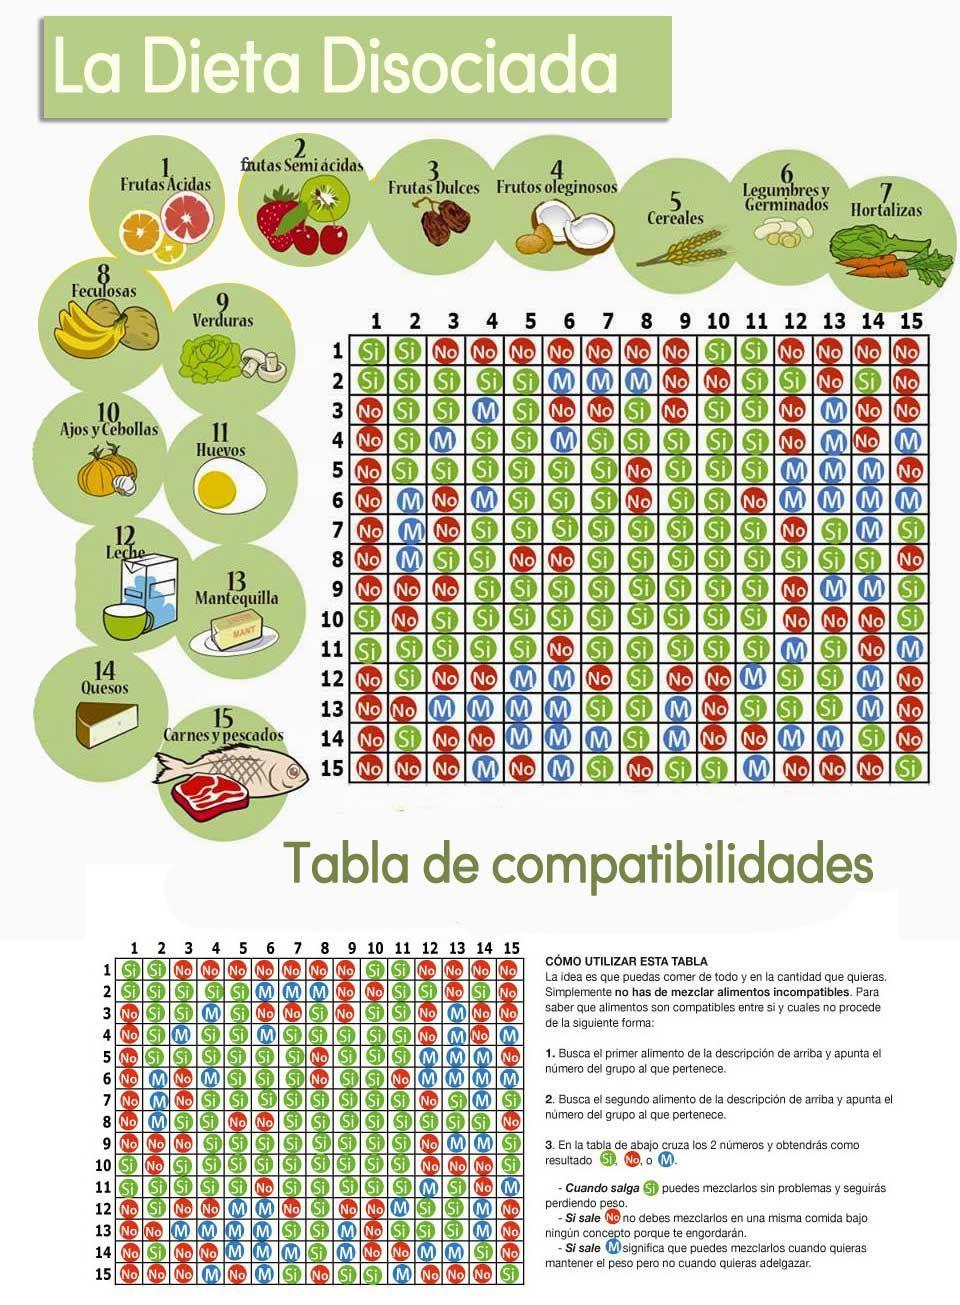 que es la dieta disociada de proteinas y carbohidratos